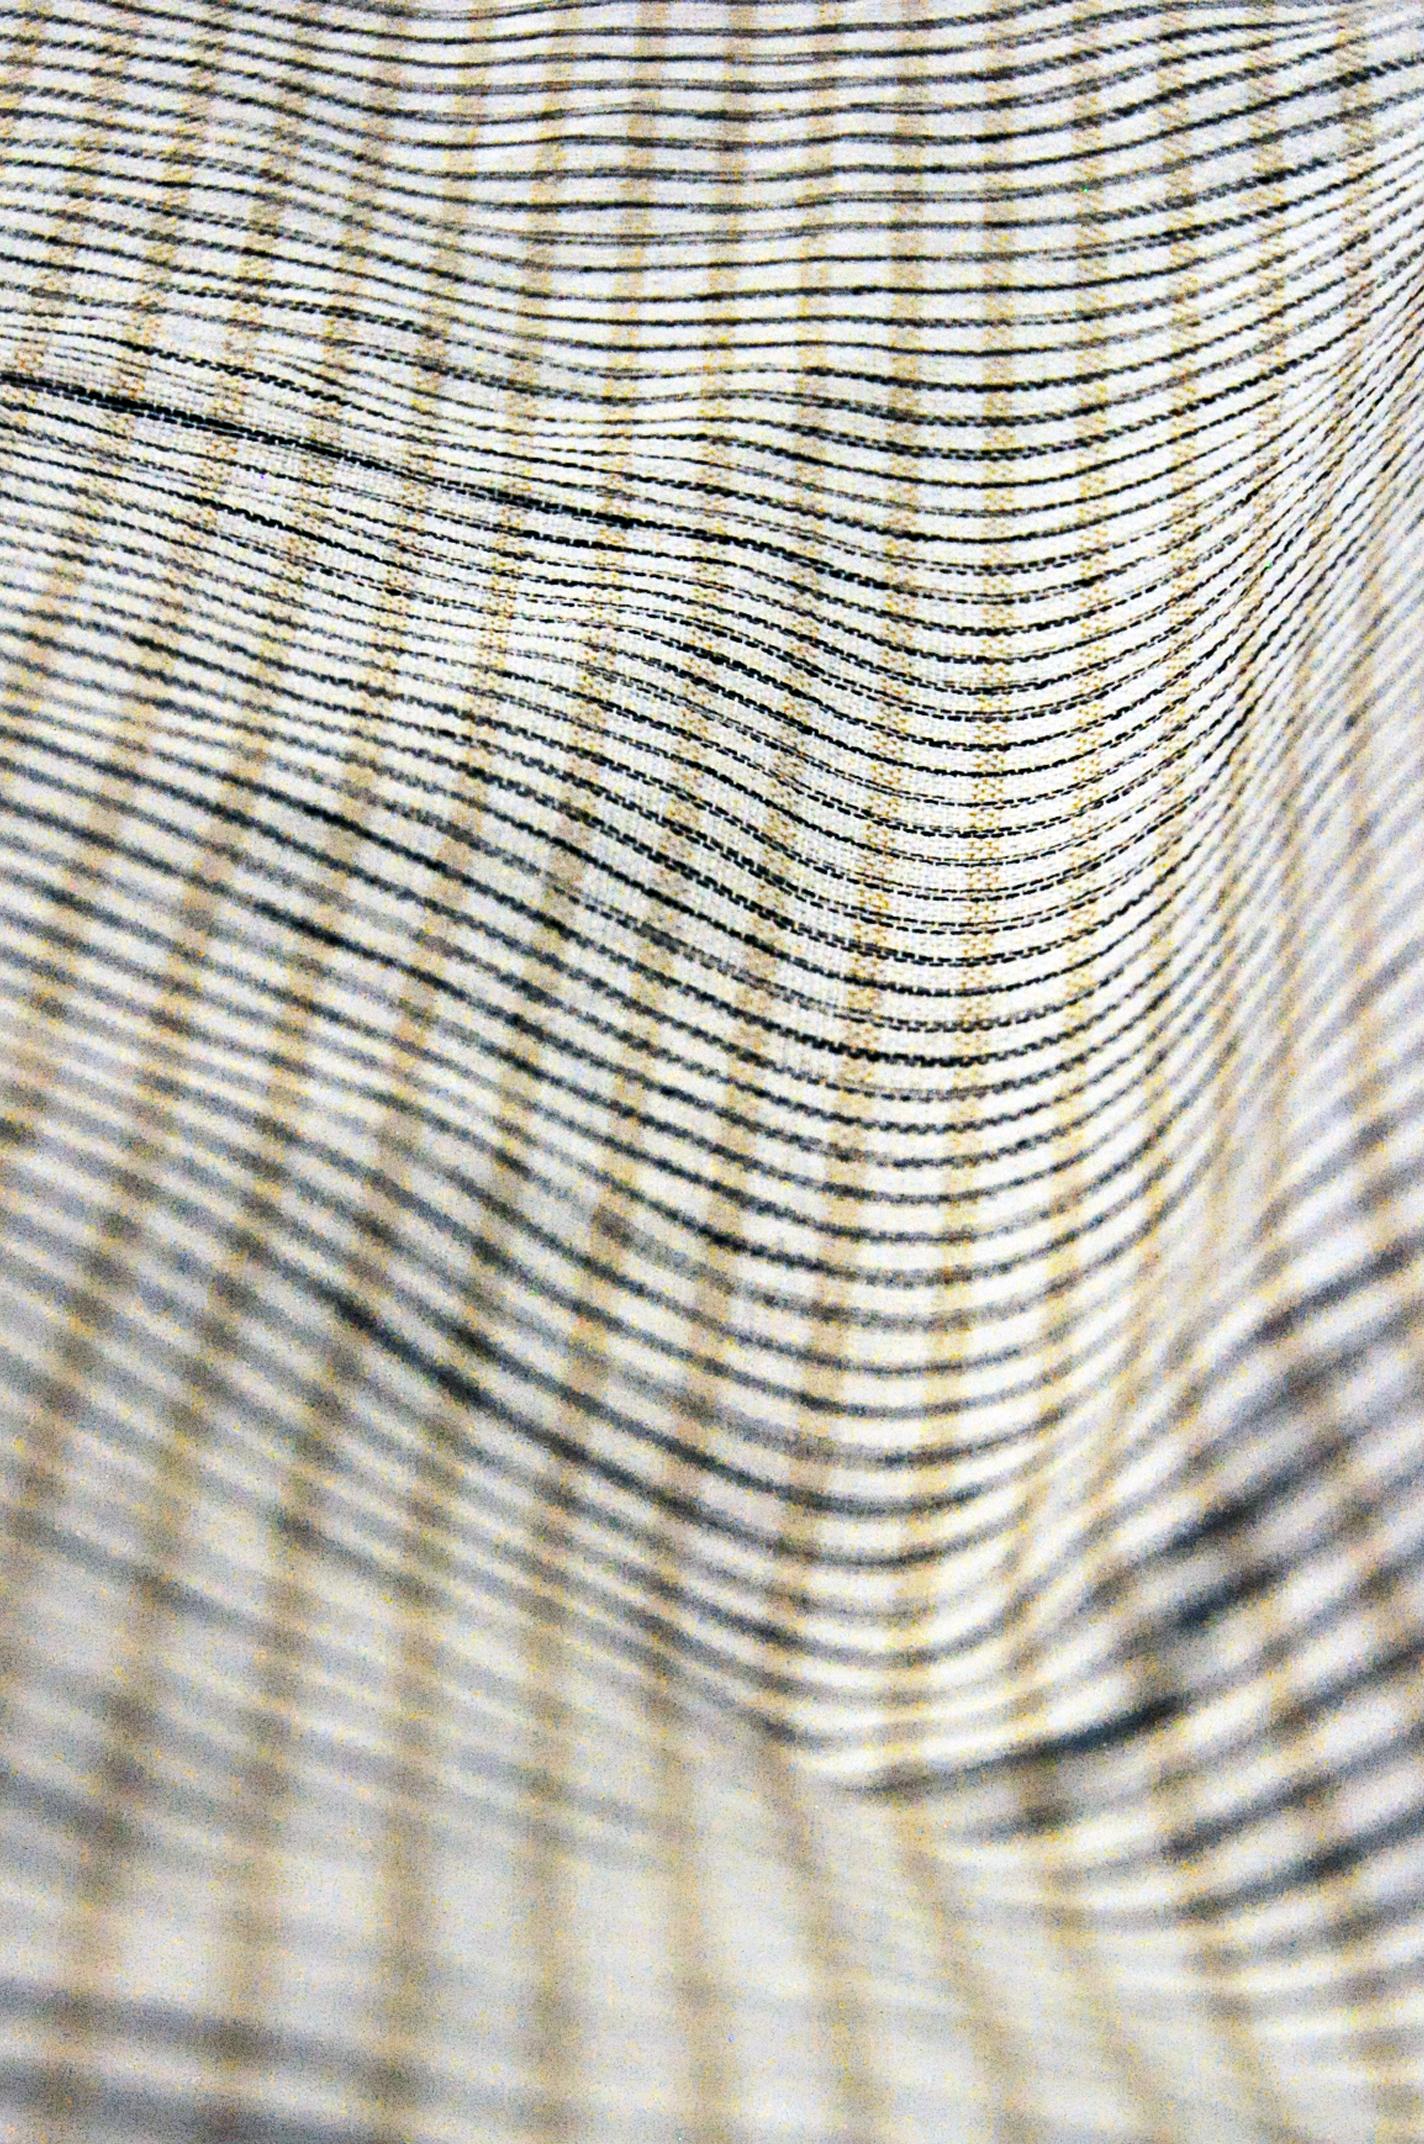 Fabric%206